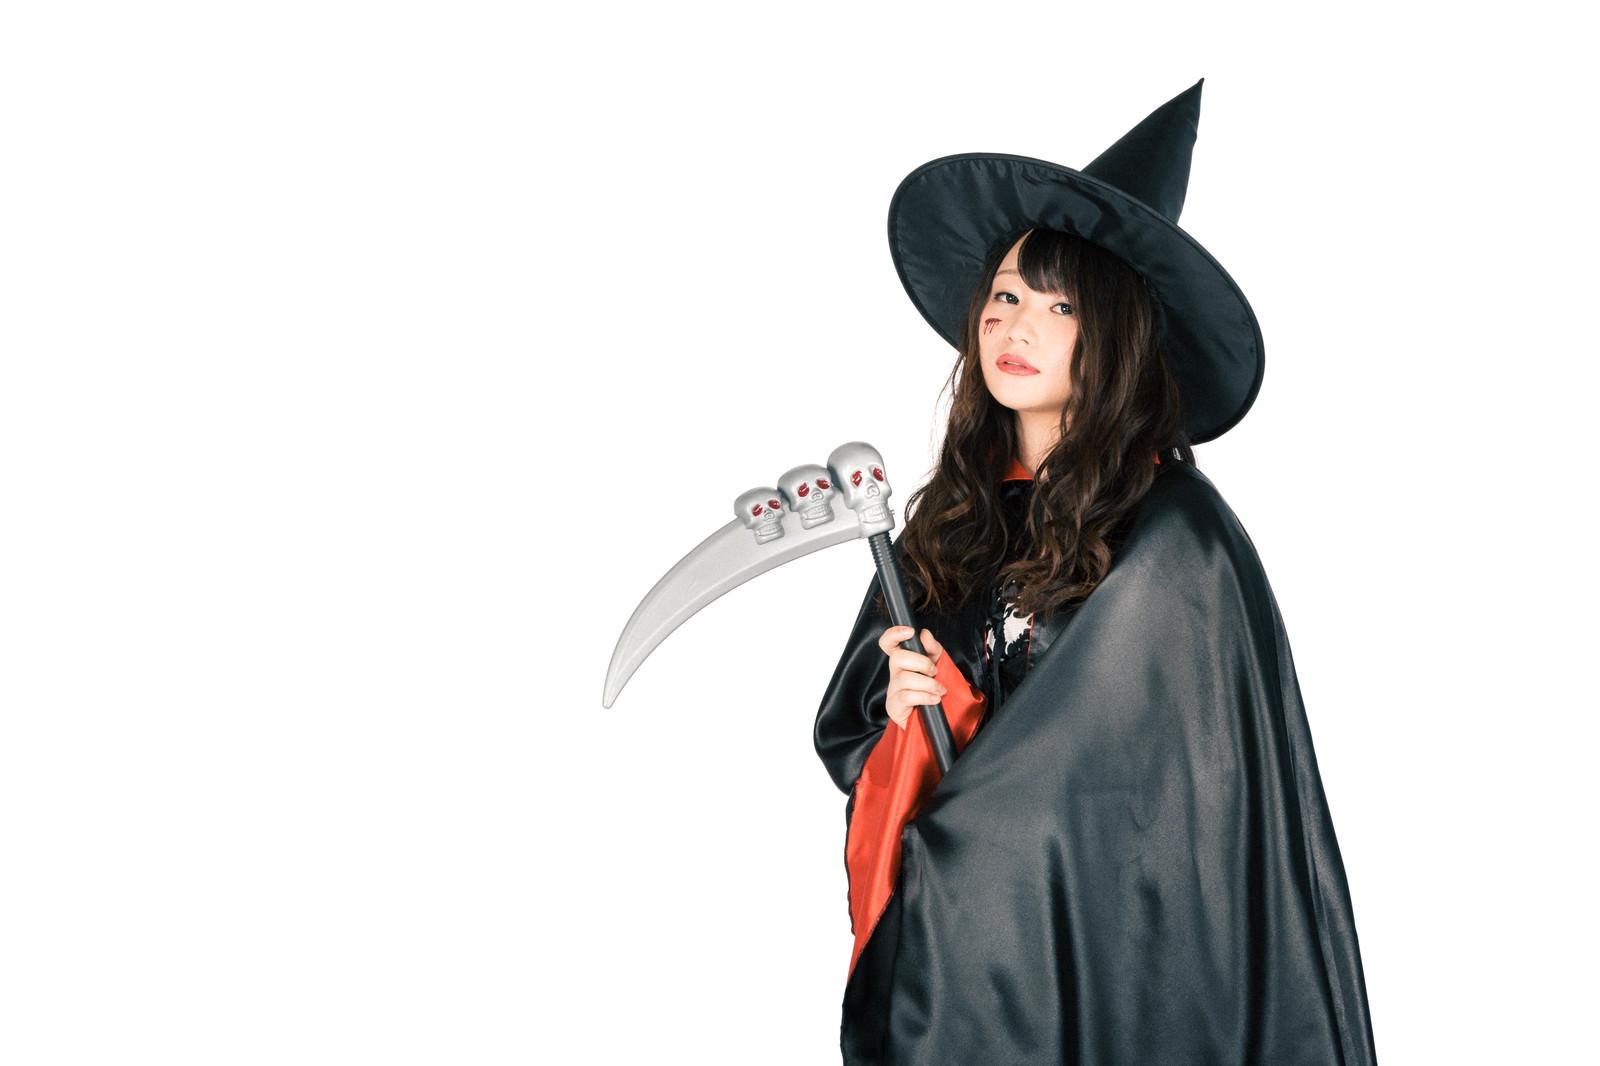 「鎌を隠し持った美女魔法使い(ハロウィン)鎌を隠し持った美女魔法使い(ハロウィン)」[モデル:茜さや]のフリー写真素材を拡大